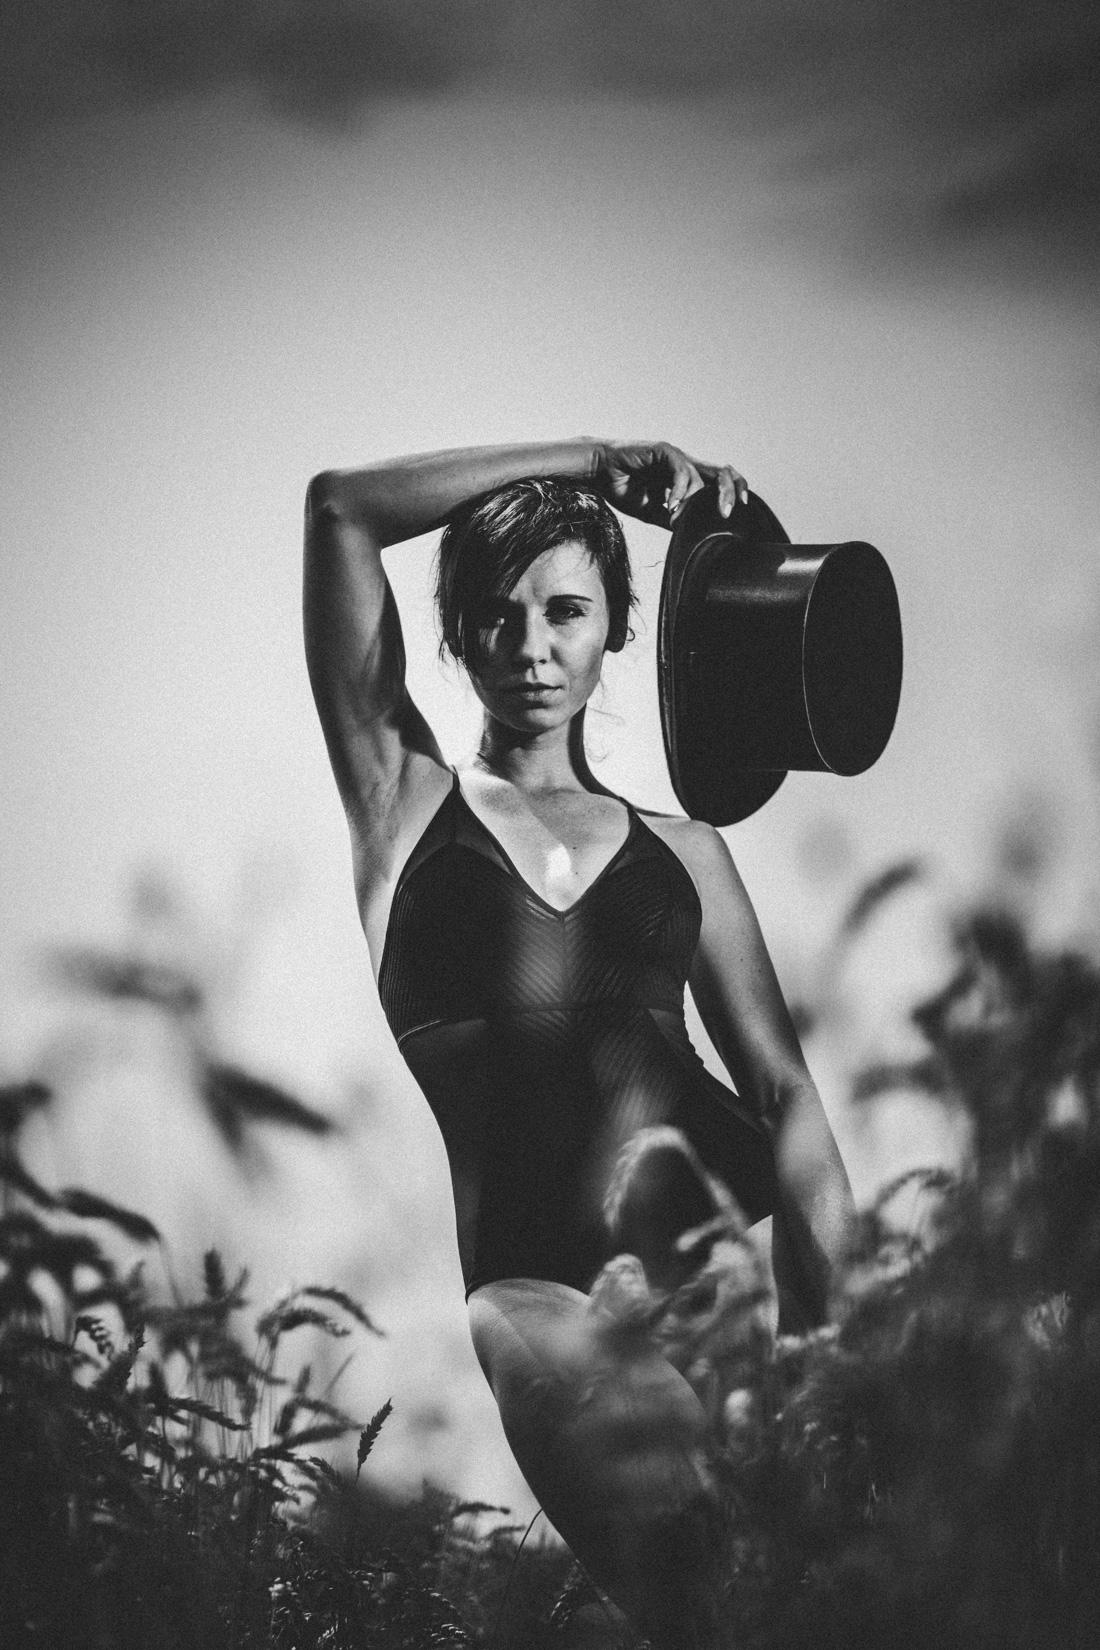 Anna * Juli 2015 * Sommer-Porträts * Sinnliche Porträts * Sensual Photos * Rossi Photography * Porträtfotograf Gießen, Hessen, Deutschland